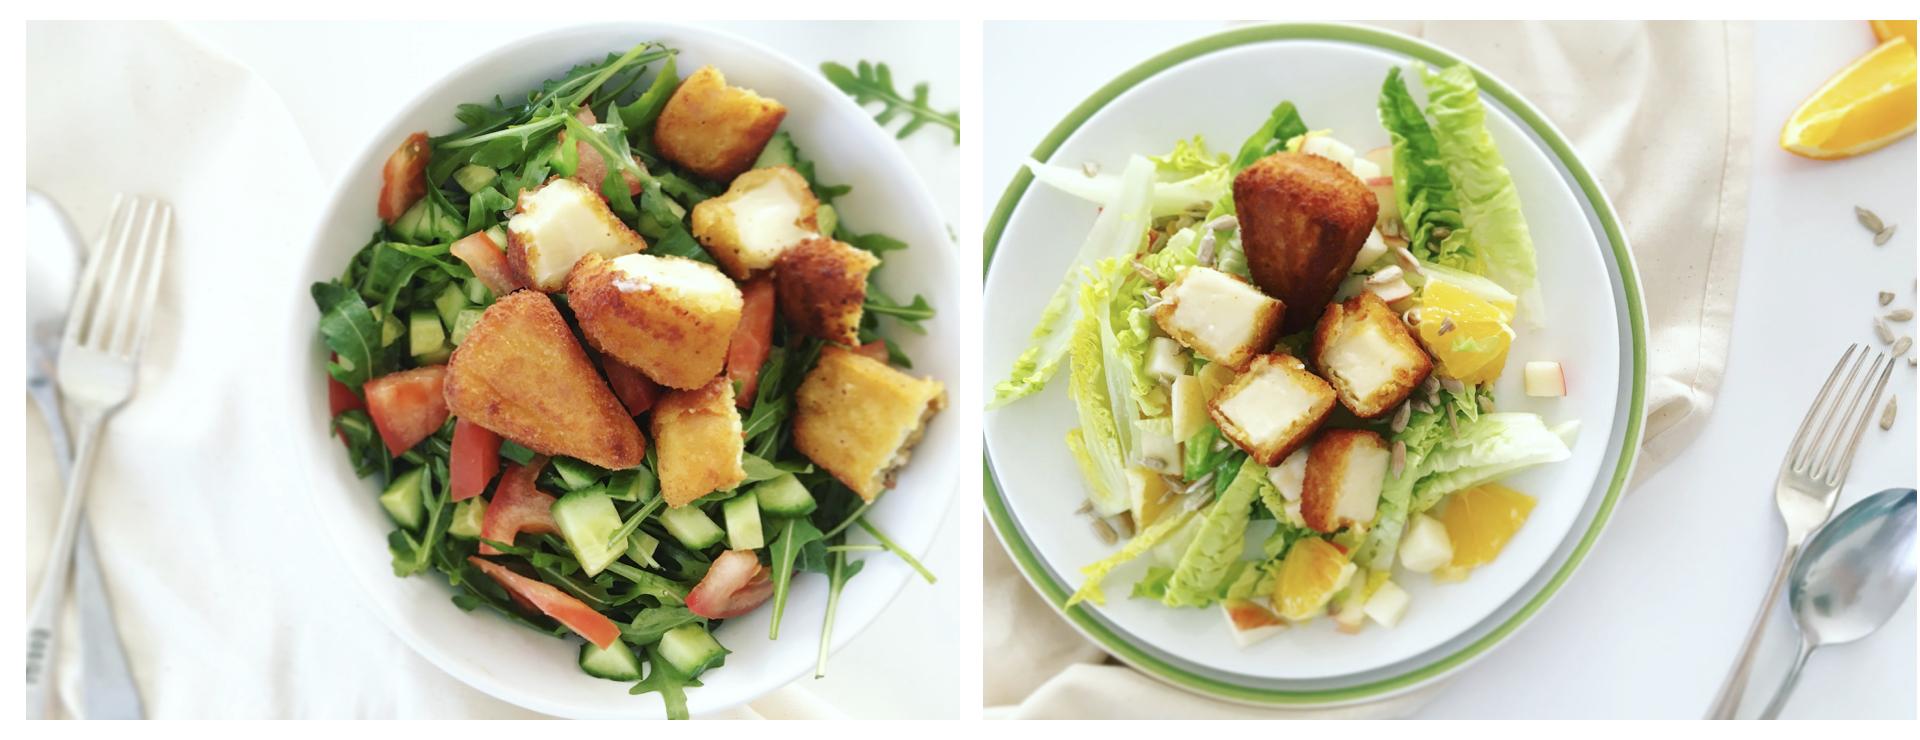 Aranyfalatok - Medve sajt - 5 hozzávalós salátakkal